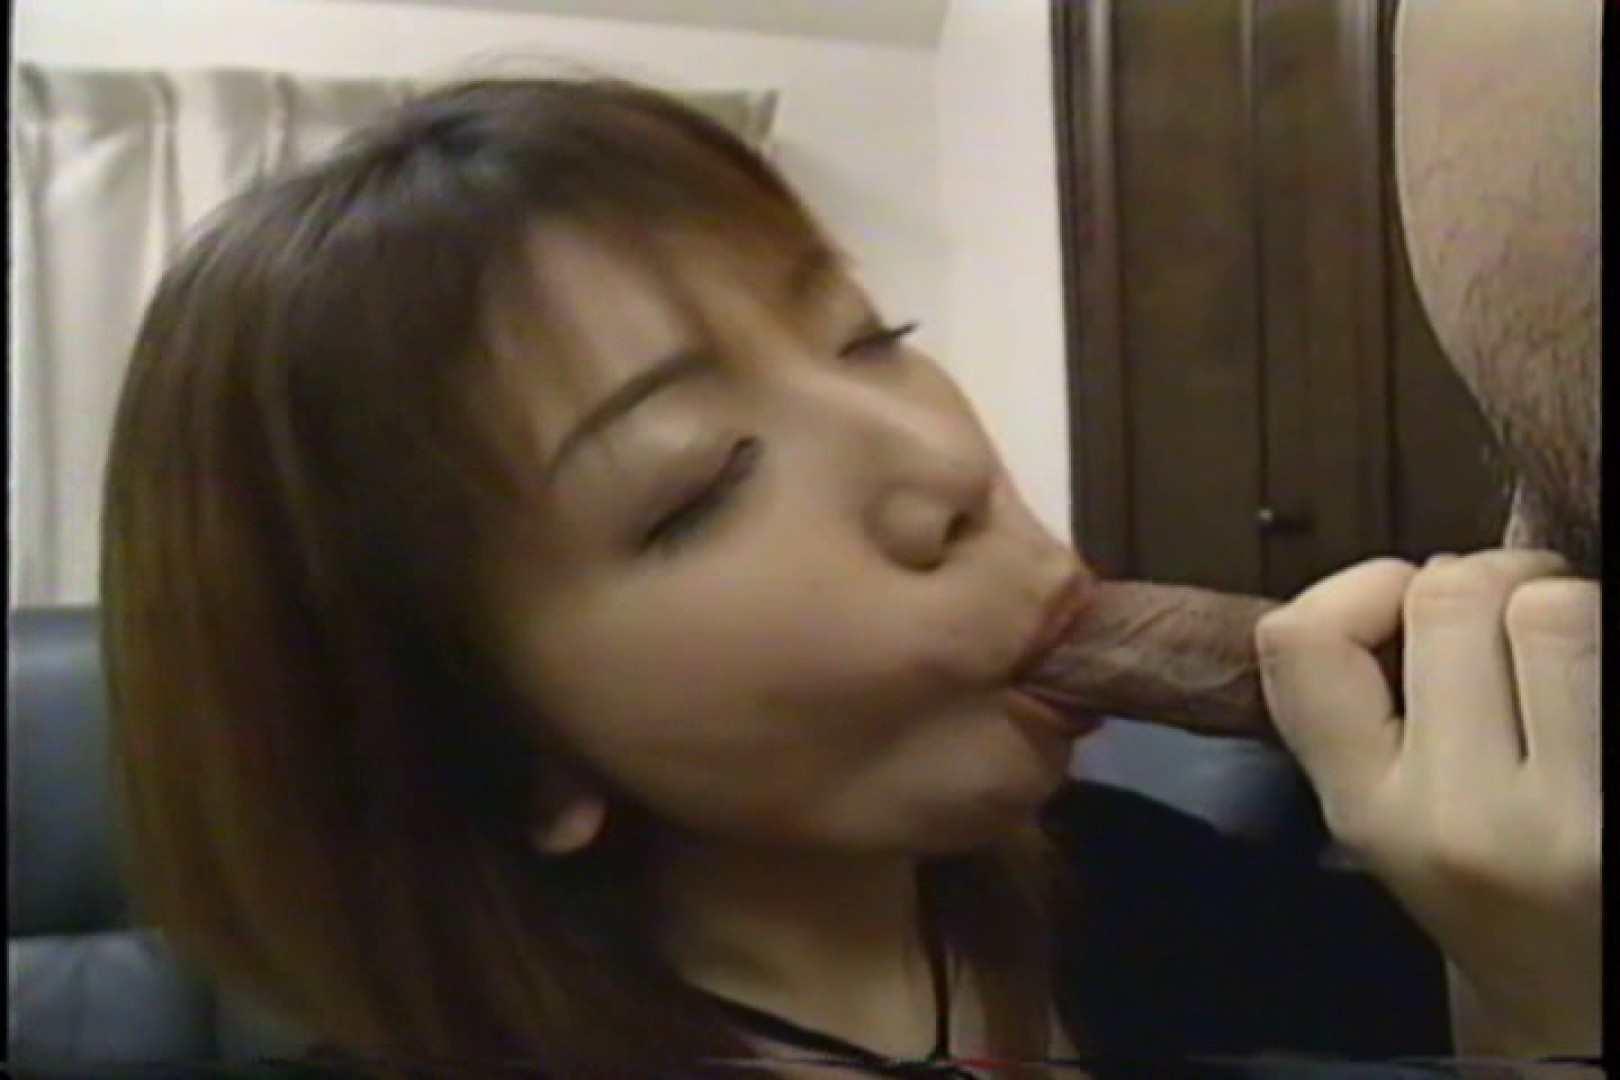 かわいい人妻、巨乳が疼いて止まらない~飯島れいか~ オナニー映像 おまんこ動画流出 93枚 2